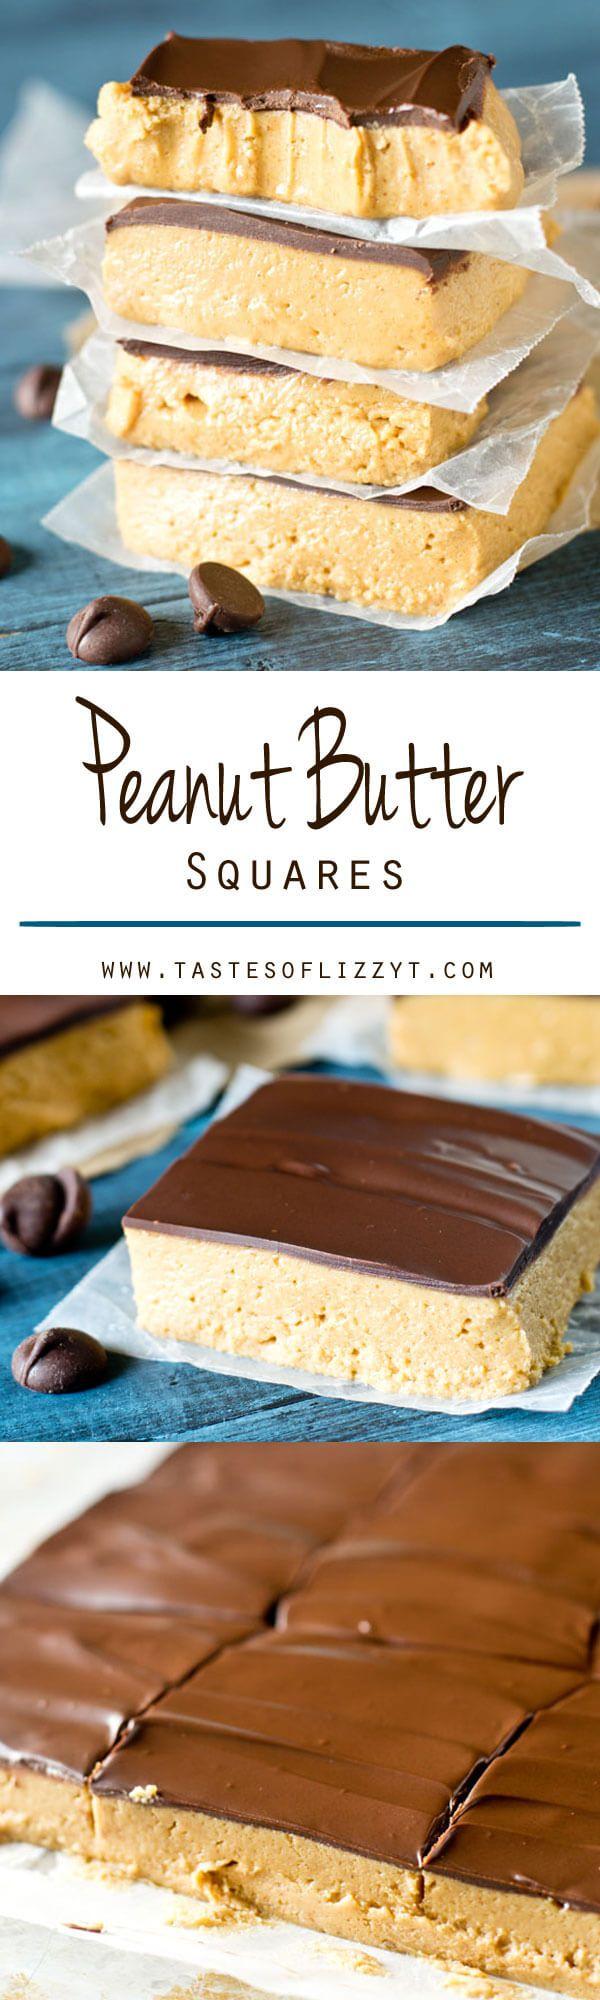 Manteiga de amendoim Squares são o deleite clássico refeitório da escola de sua infância.  Esta sobremesa não-coza tem uma camada espessa de manteiga de amendoim coberto com uma camada de chocolate.